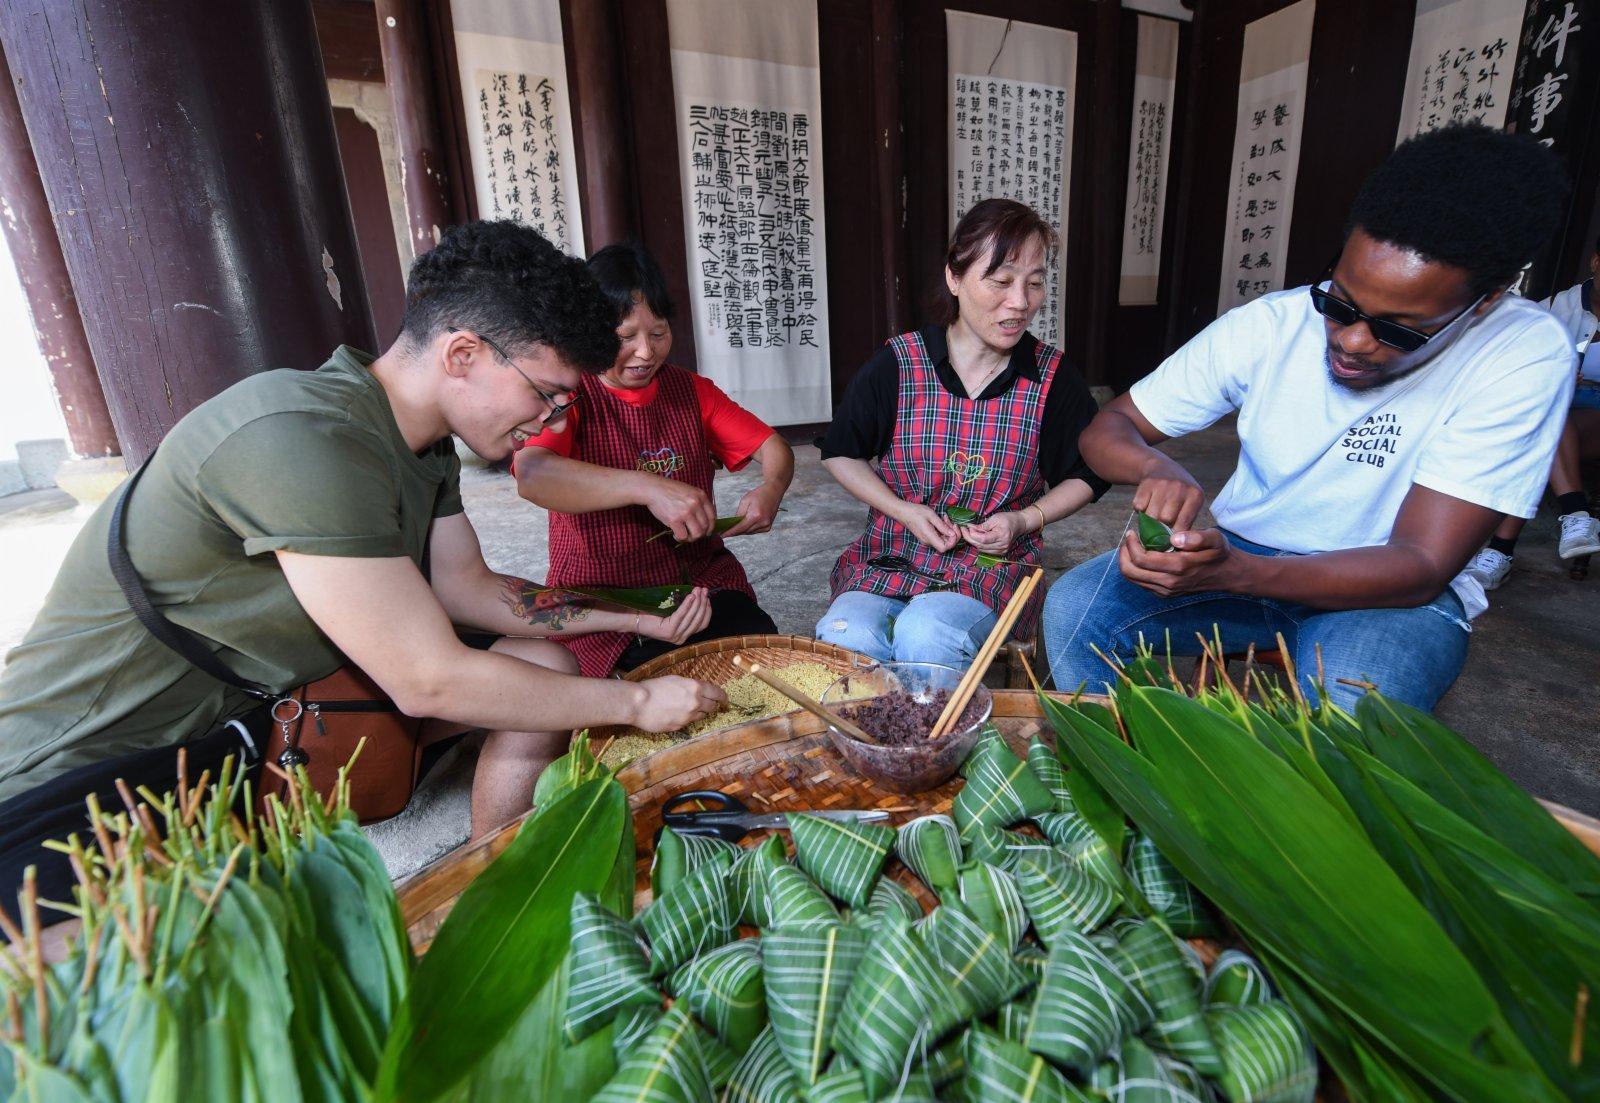 6月8日,湖源鄉窈口村村民帶着前來旅遊的浙江科技學院留學生體驗傳統灰湯粽的製作,感受端午傳統文化的魅力。(新華社)